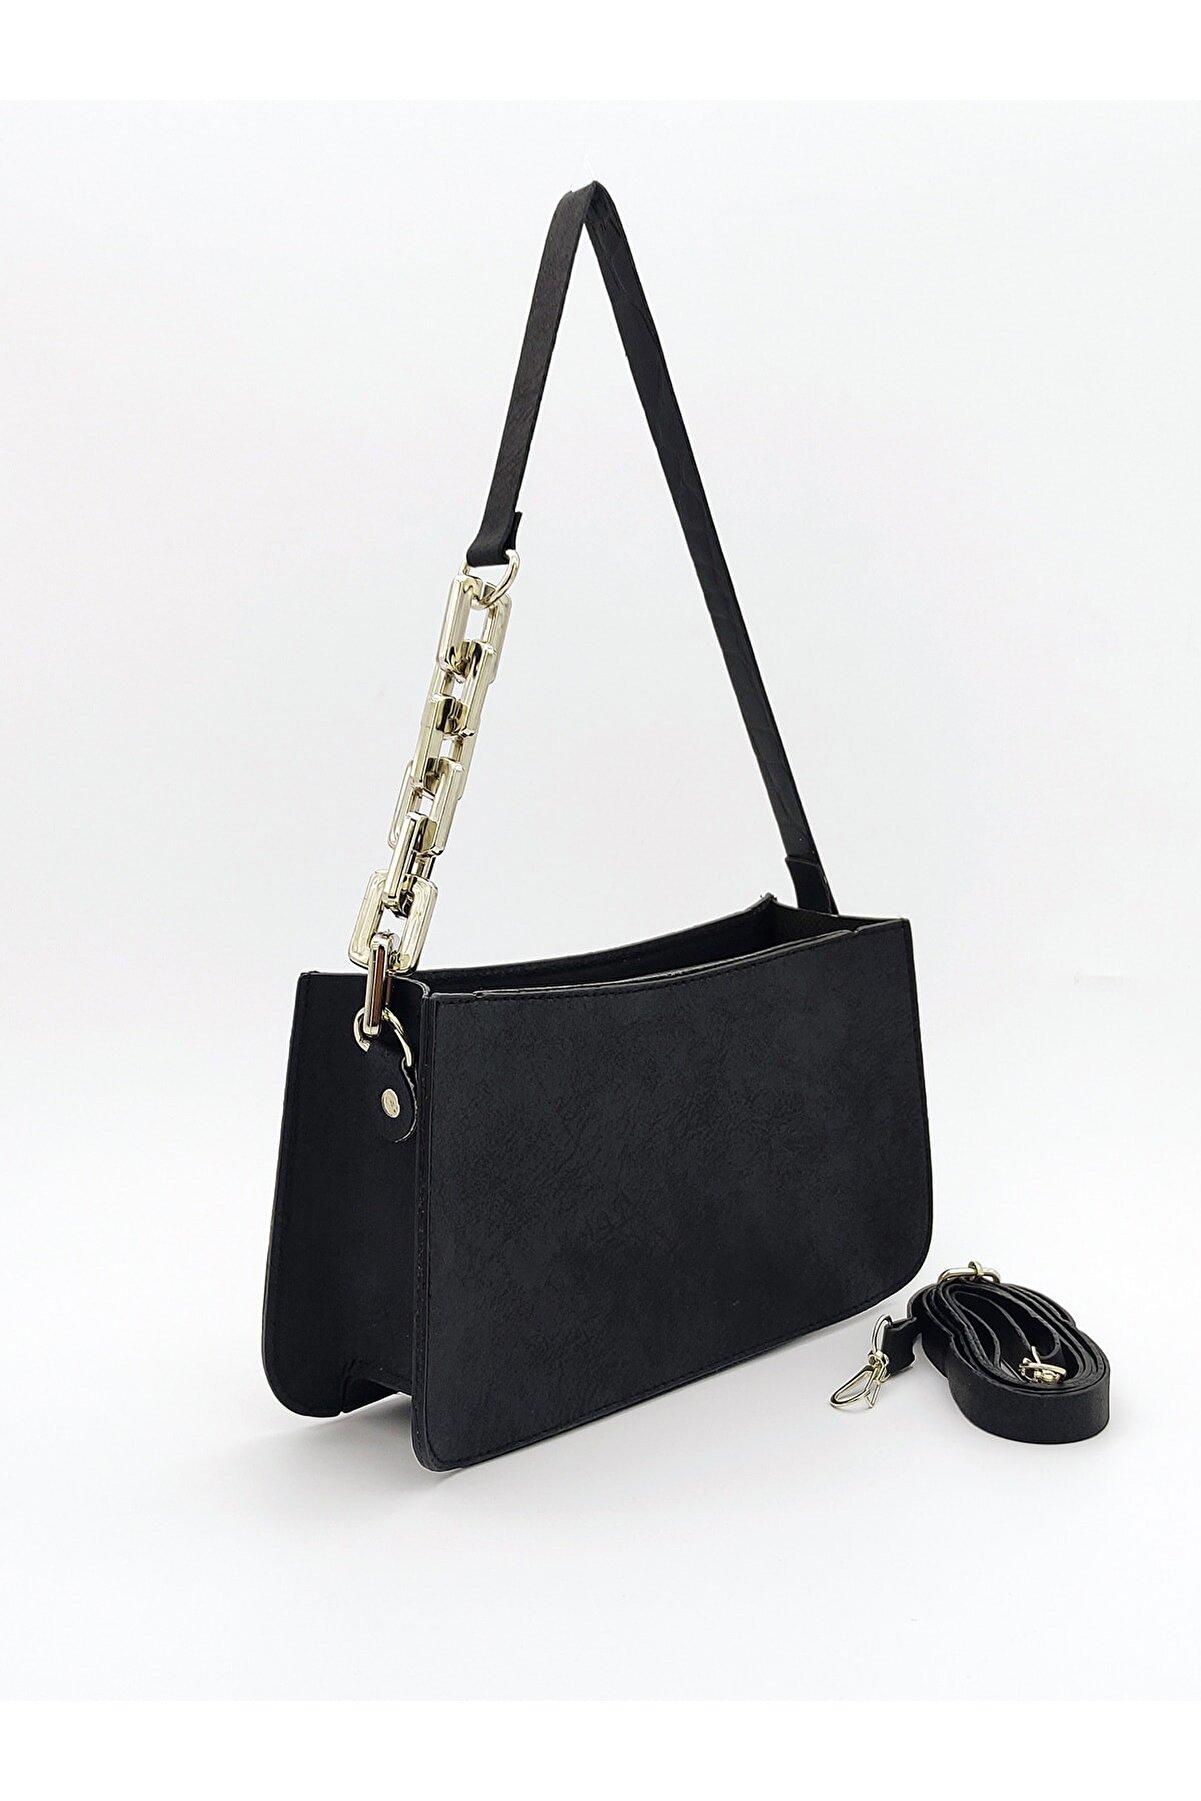 Rimense Kadın Siyah Zincirli Baget Çanta